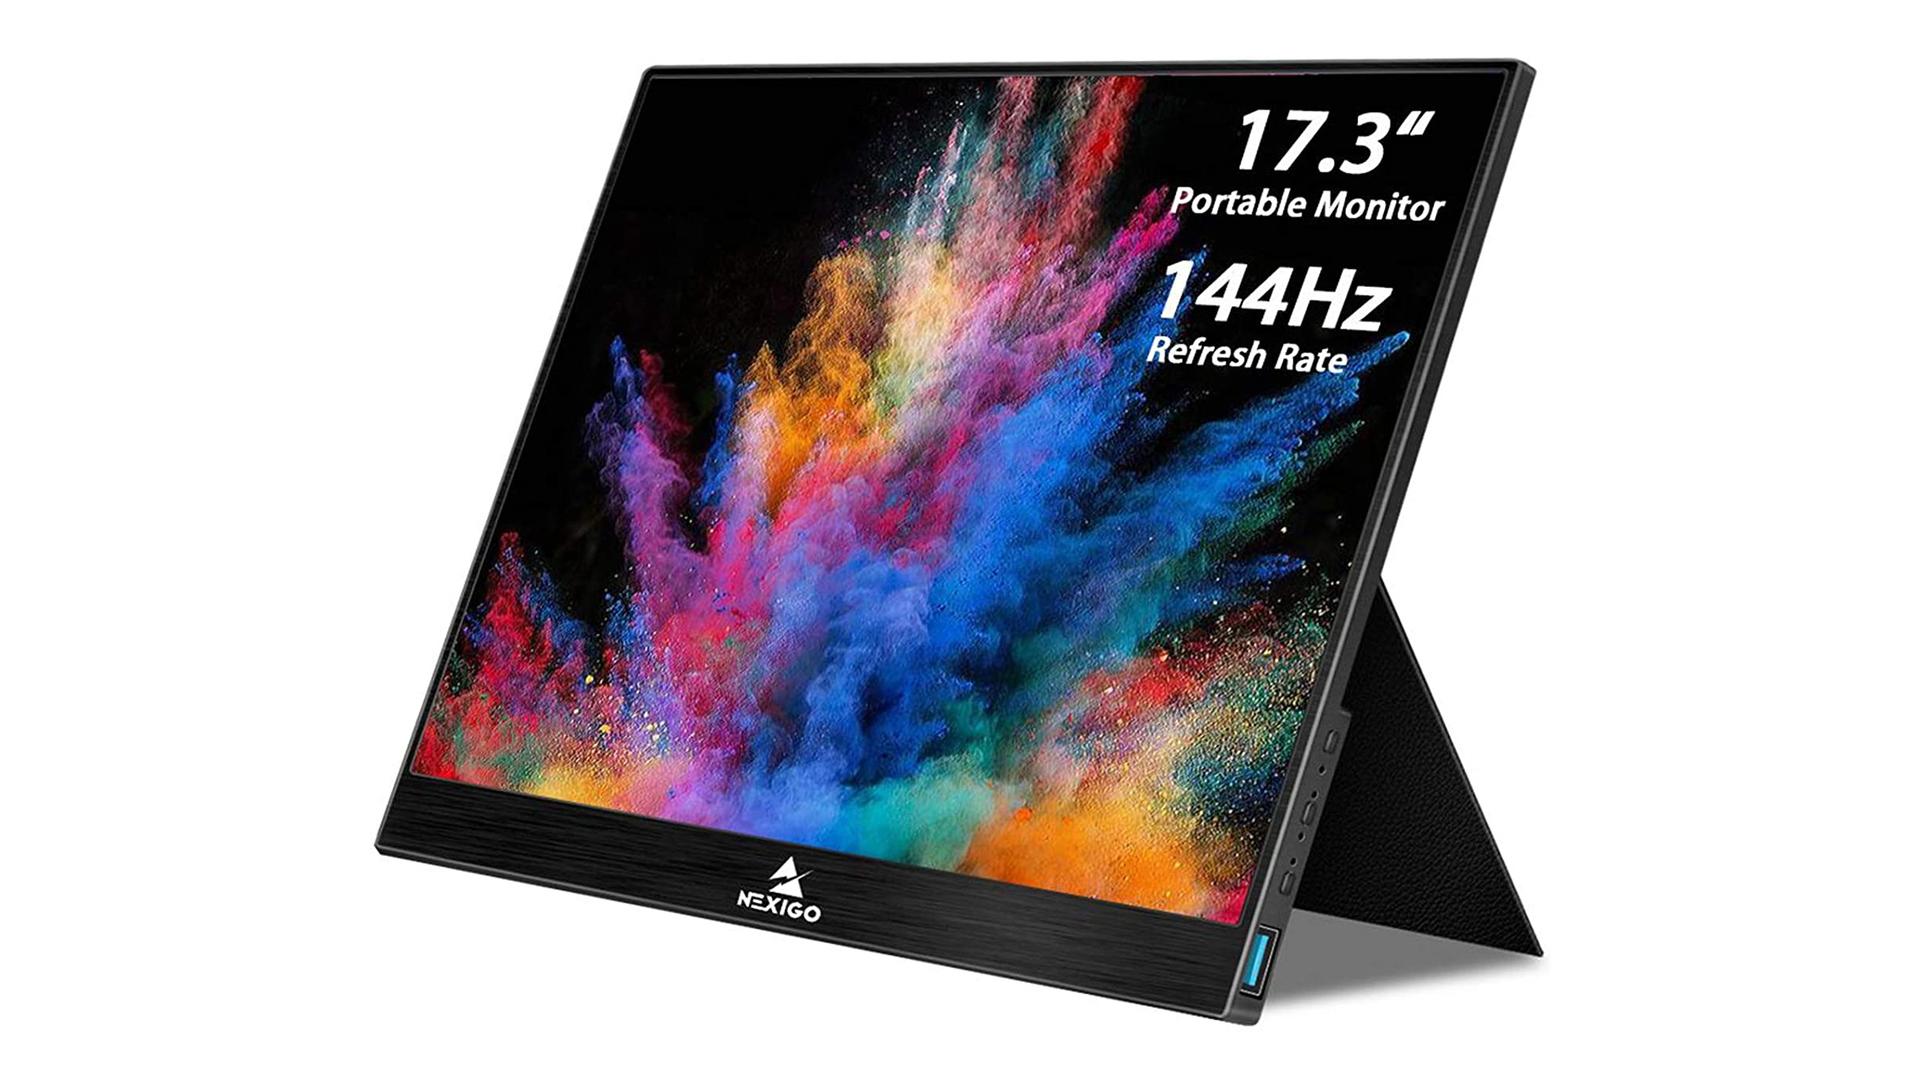 NexiGo 144Hz 17.3 inch Portable Gaming Monitor